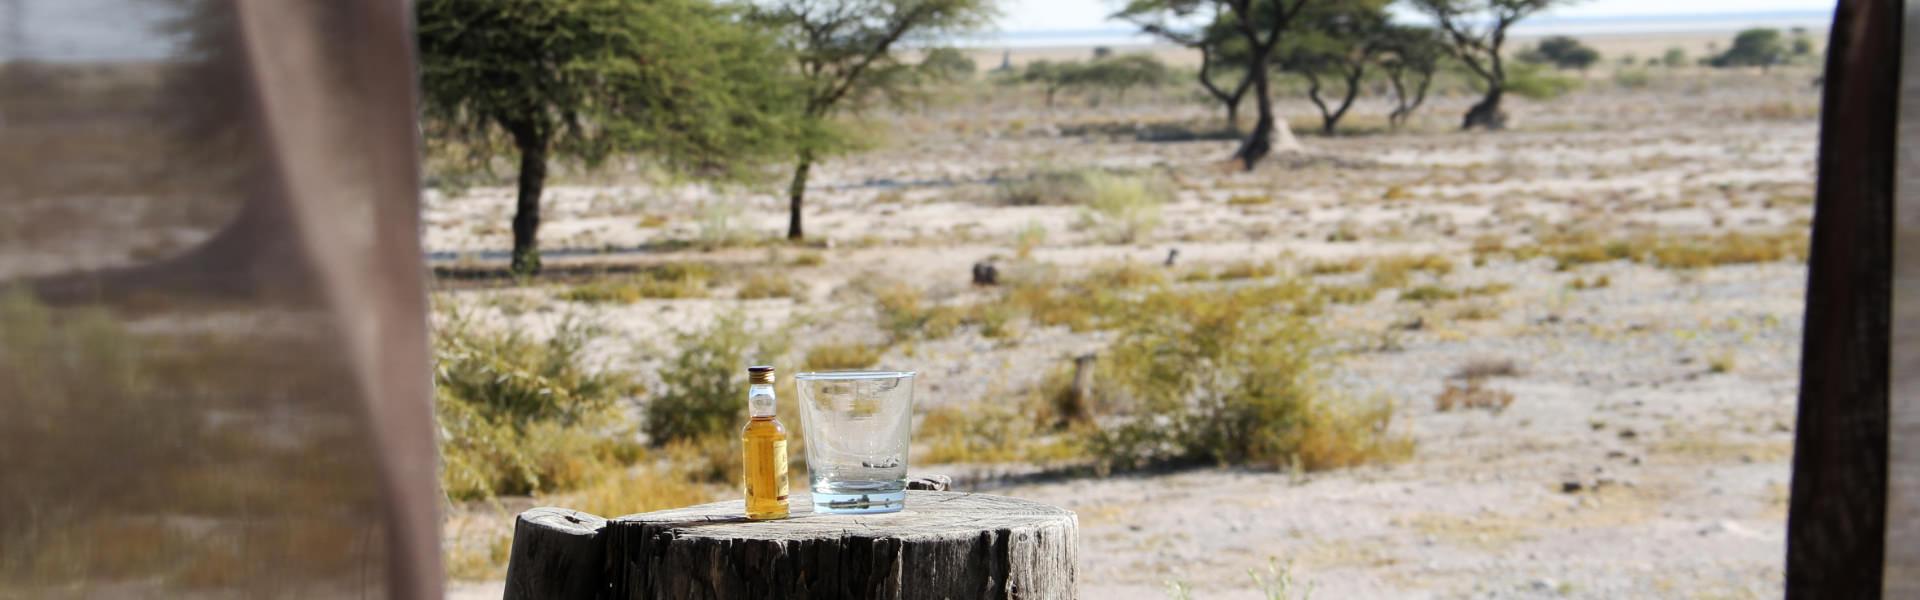 Mietwagenreisen Namibia - Ureinwohner-Reisen